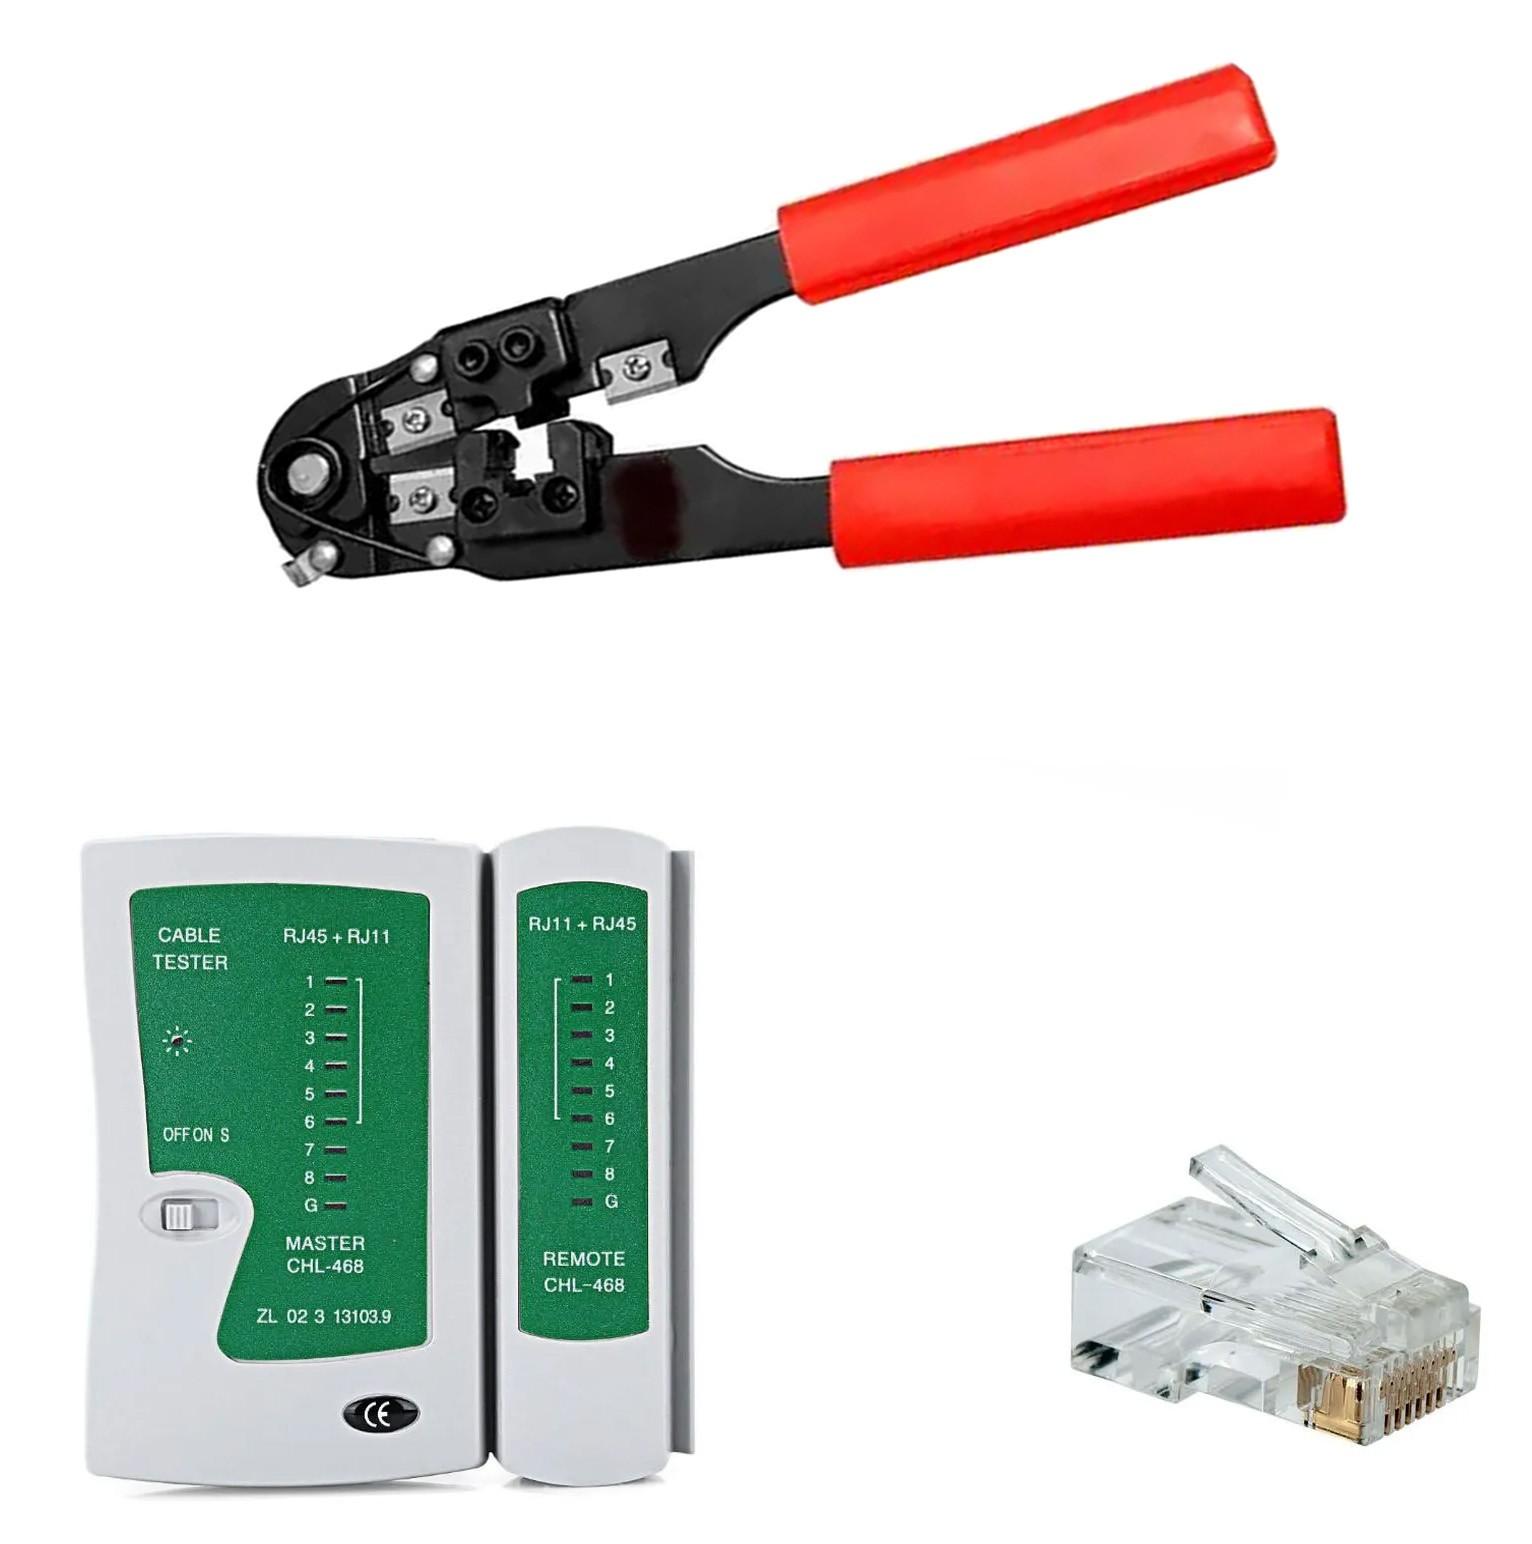 Kit 01 Alicate Rj45 Mais 1 Teste De Cabos Mais 100 Plugs